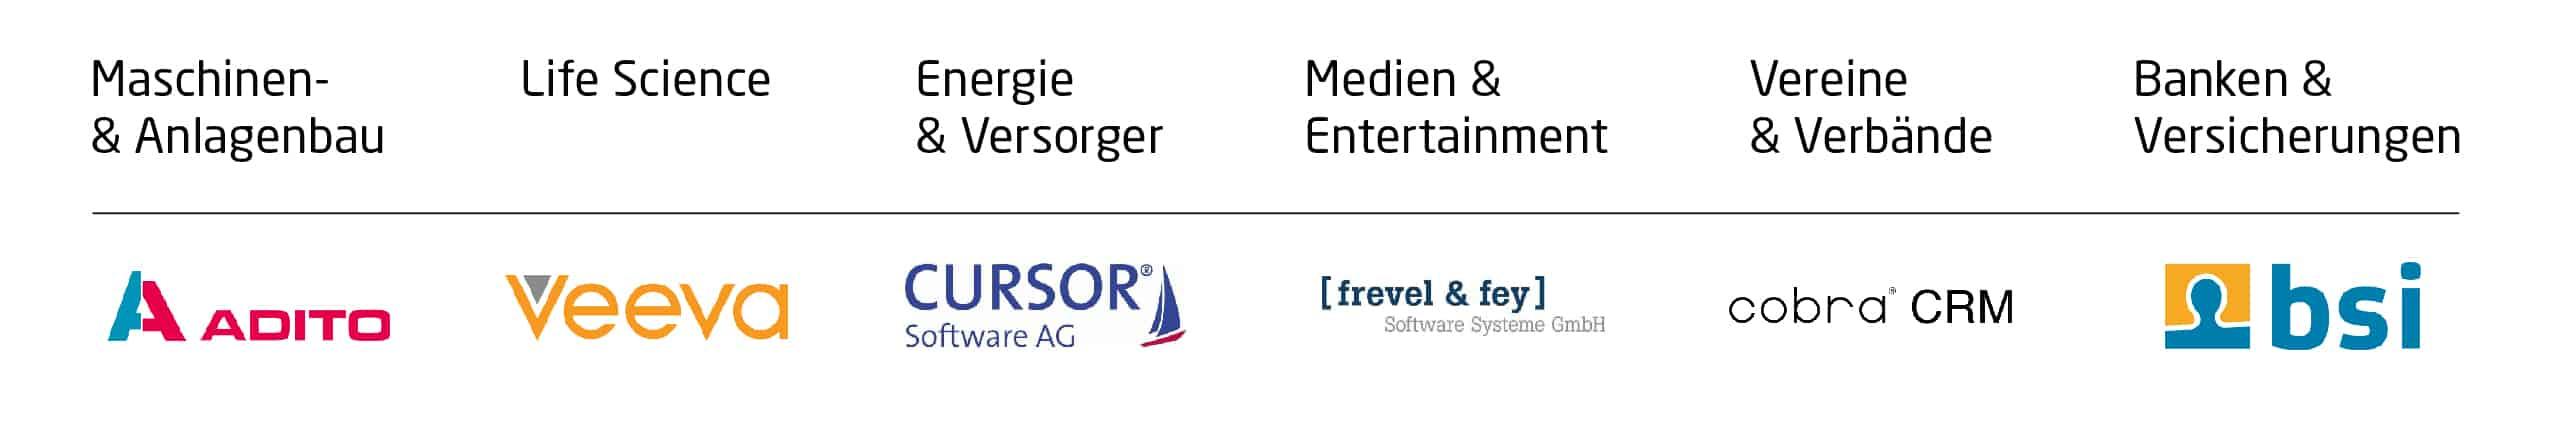 CRM-Vergleich Branchenanbieter